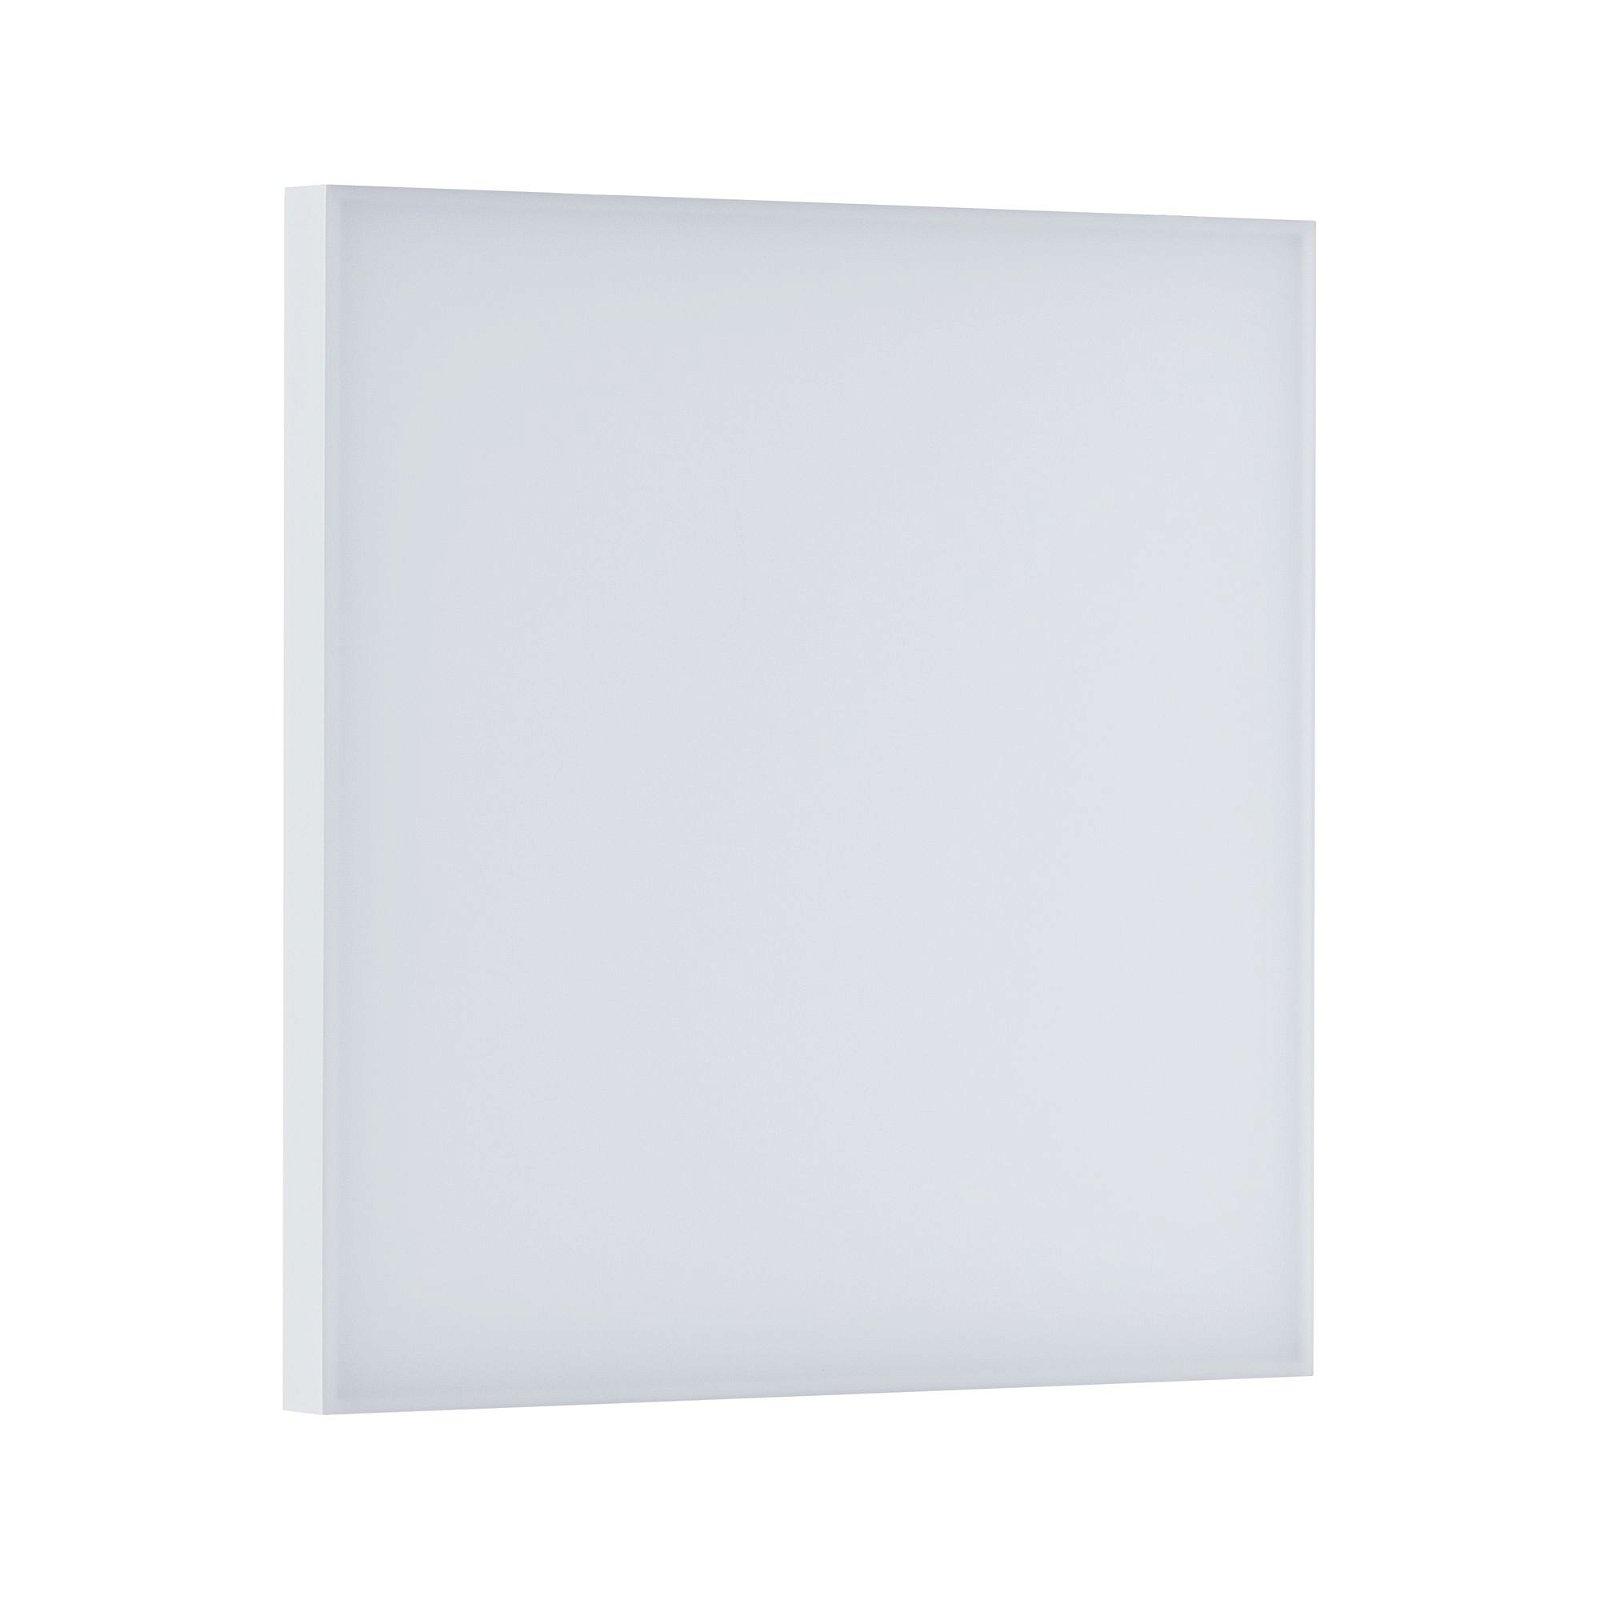 Panneau LED Velora carré 300x300mm 1860lm 3000K Blanc dépoli